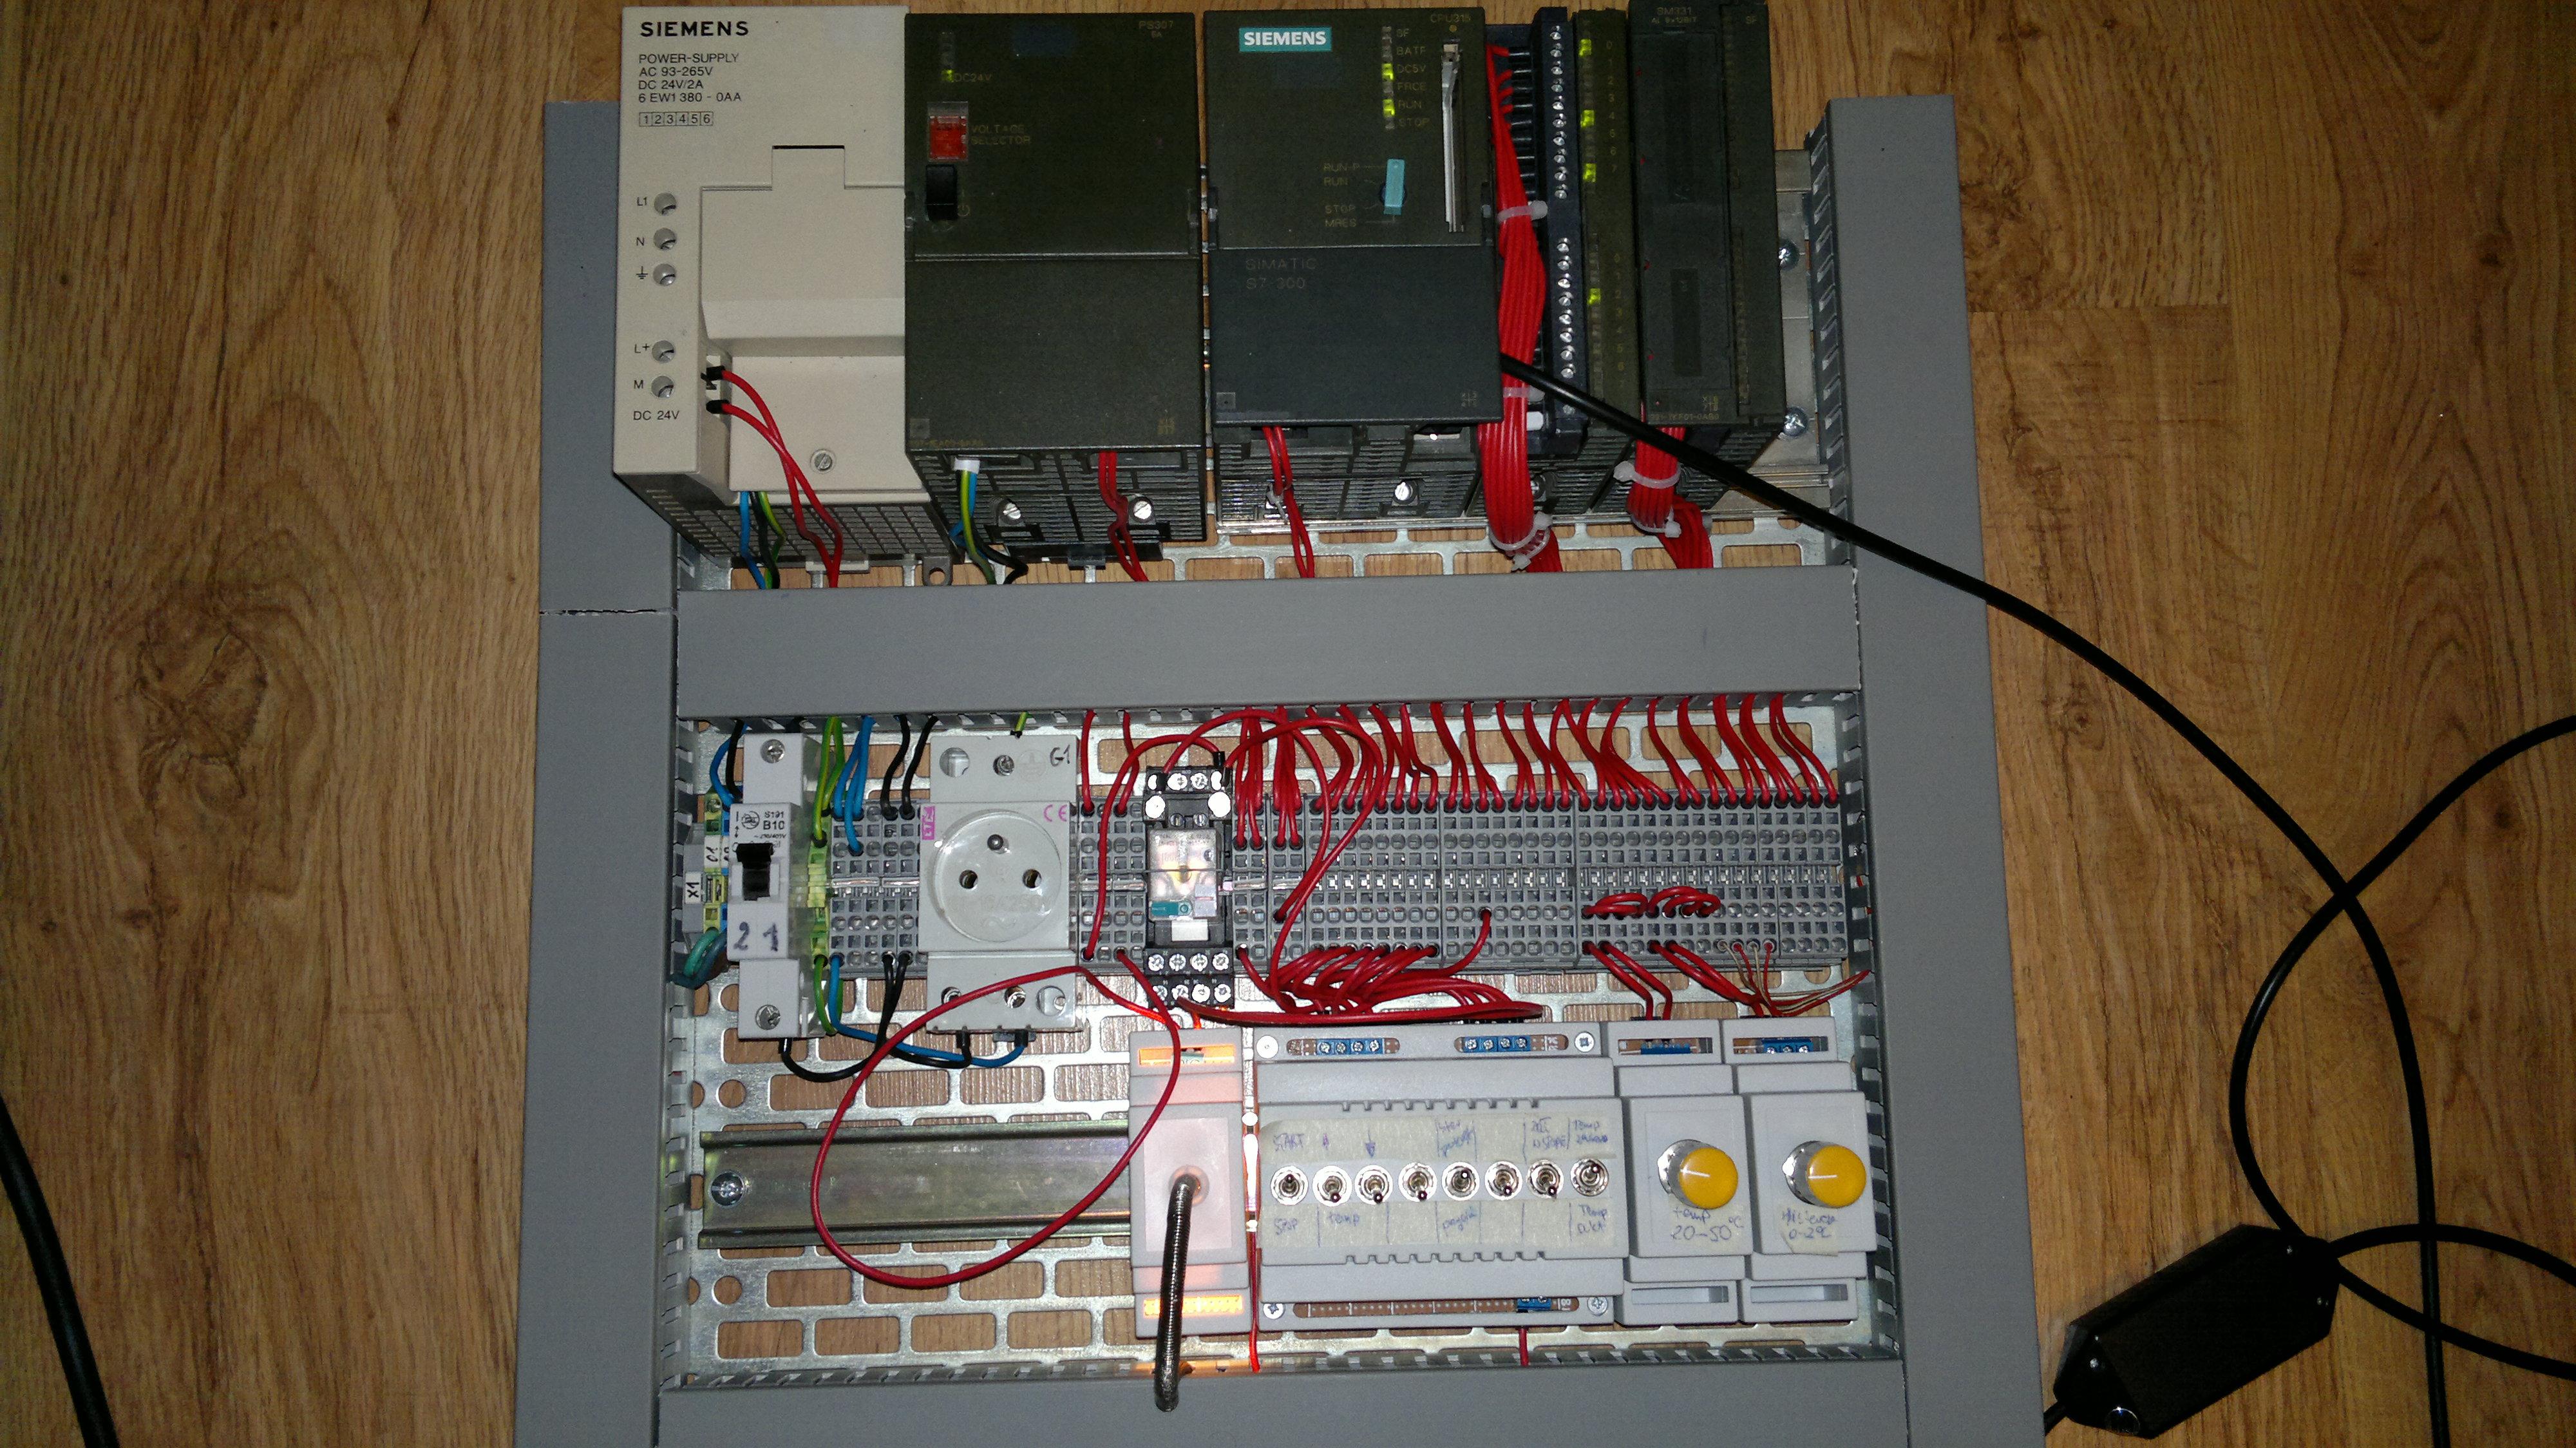 s7-300 Obiekt cieplny - praca dyplomowa